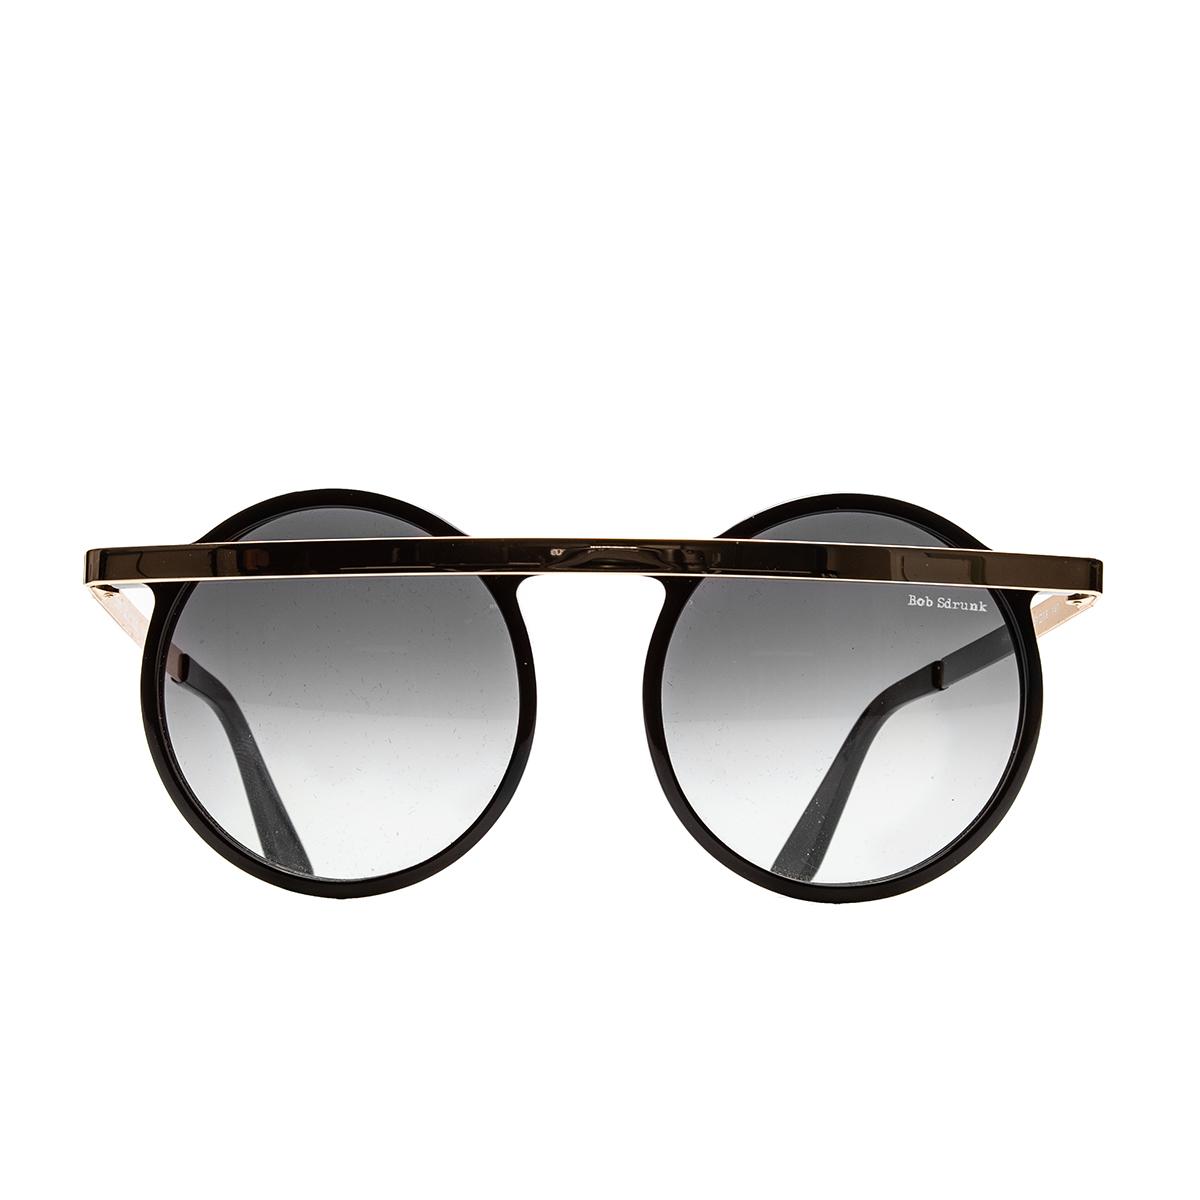 fornitore ufficiale la migliore vendita più economico Bob Sdrunk occhiale da sole donna Hanna/S